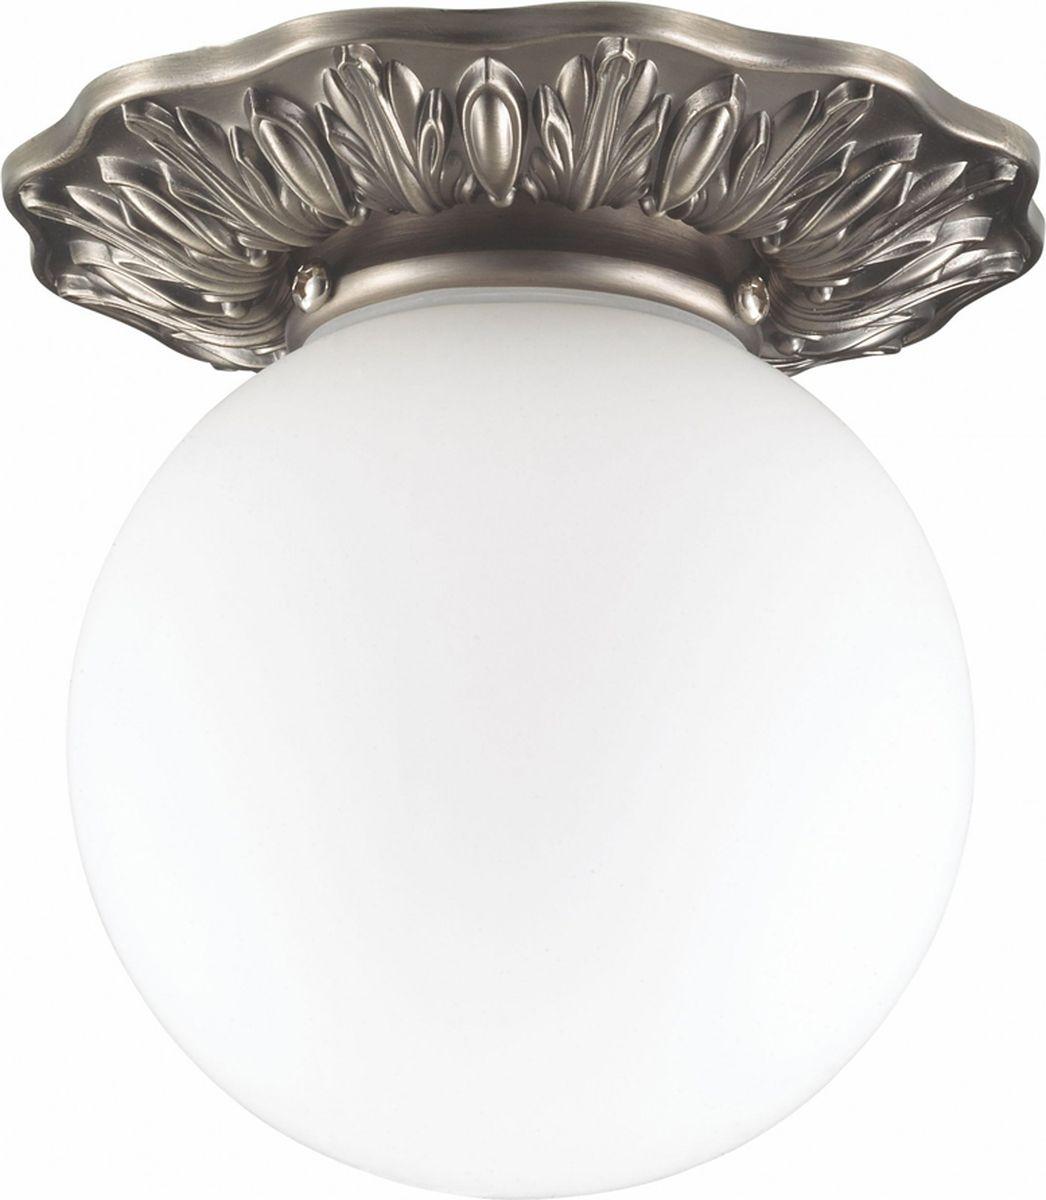 Светильник встраиваемый Novotech Sphere, цвет: белый, G9, 2,2 Вт. 369977369977